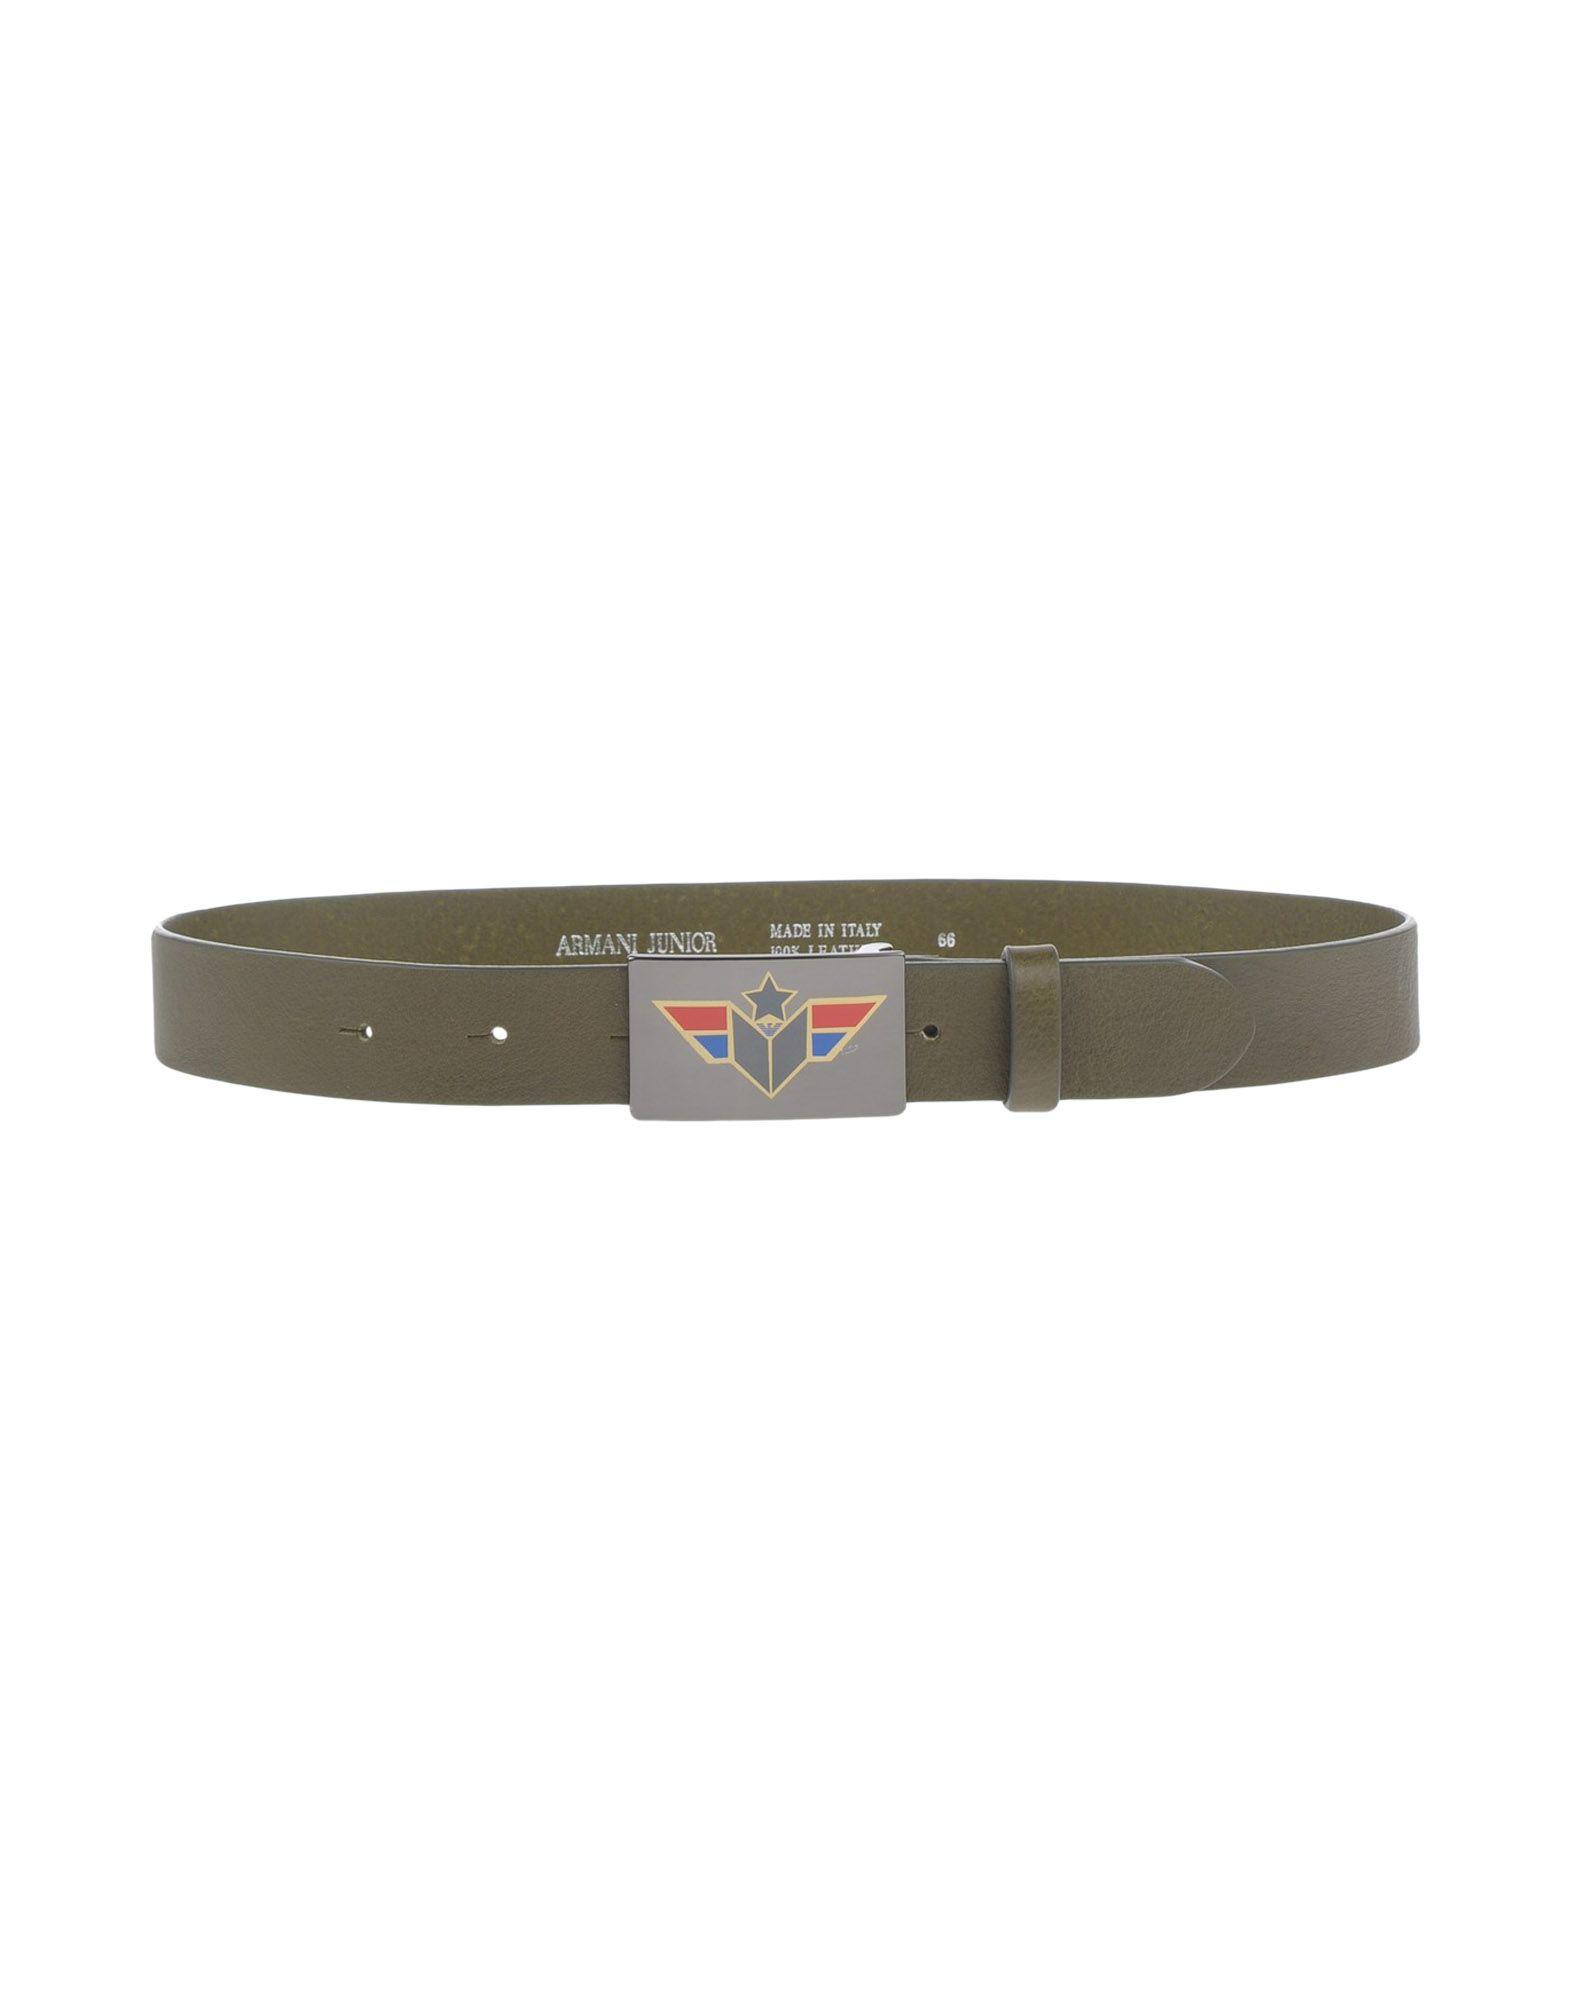 check-out 5fa13 3bb57 Cintura In Pelle Armani Junior Bambino 3-8 anni - Acquista ...